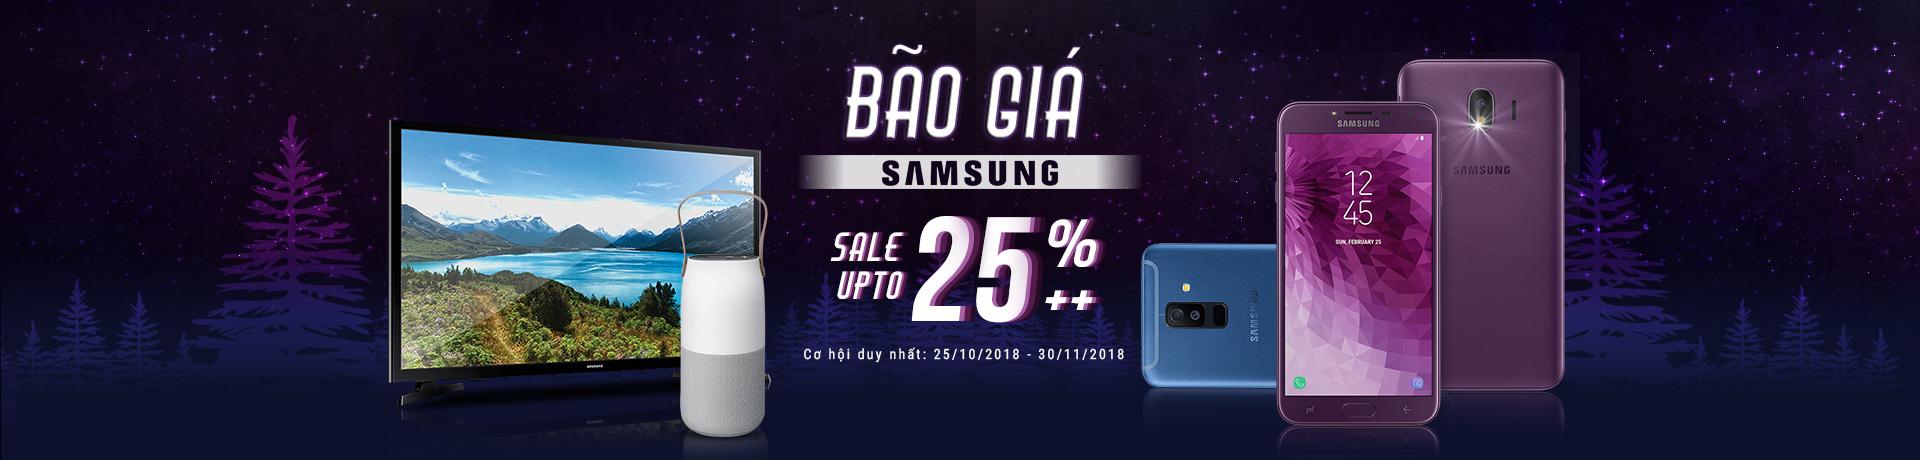 Bão giá Samsung - Giảm thêm 25%